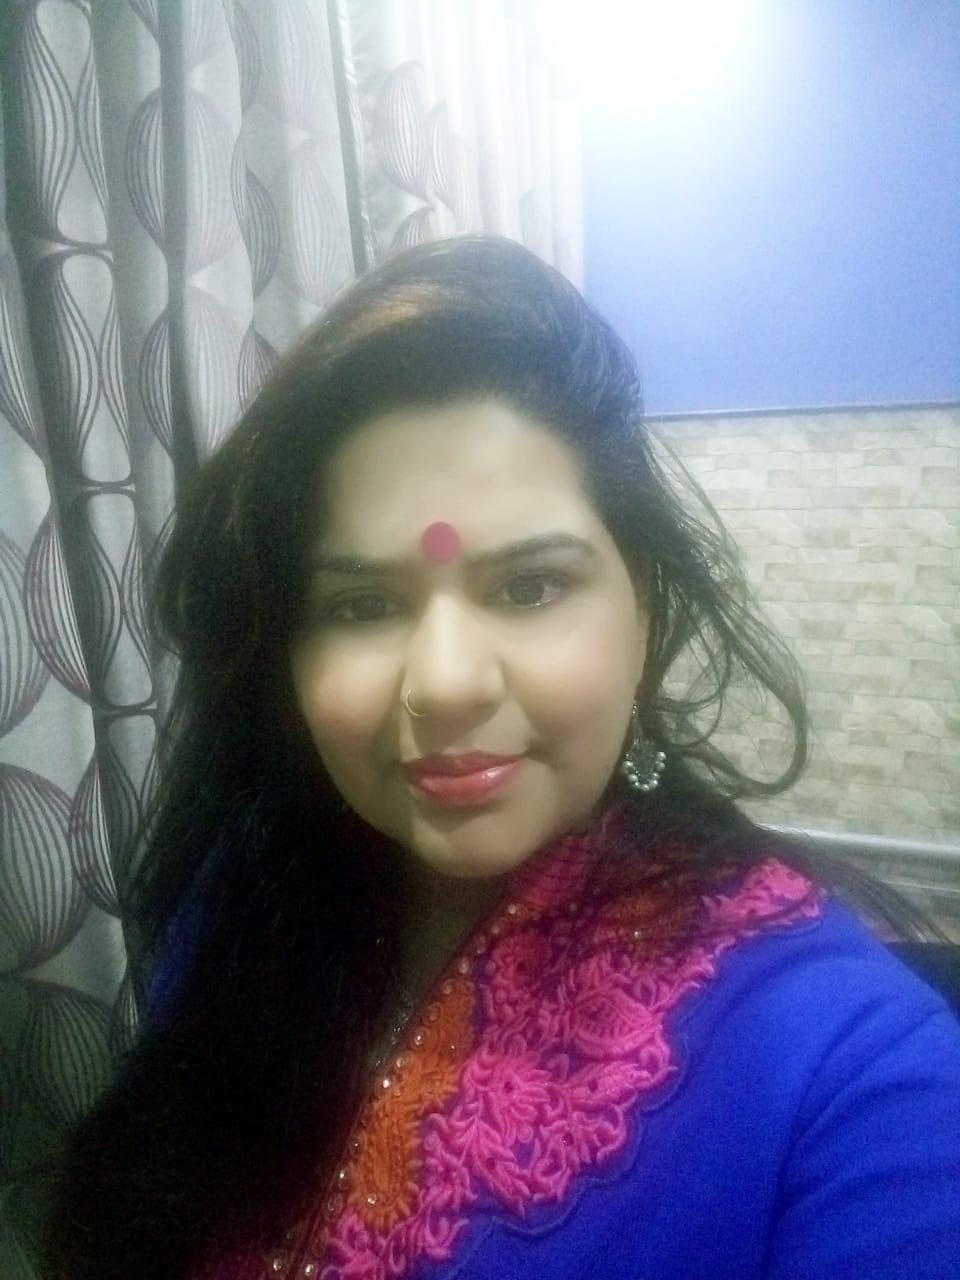 Shaloo Kaushik